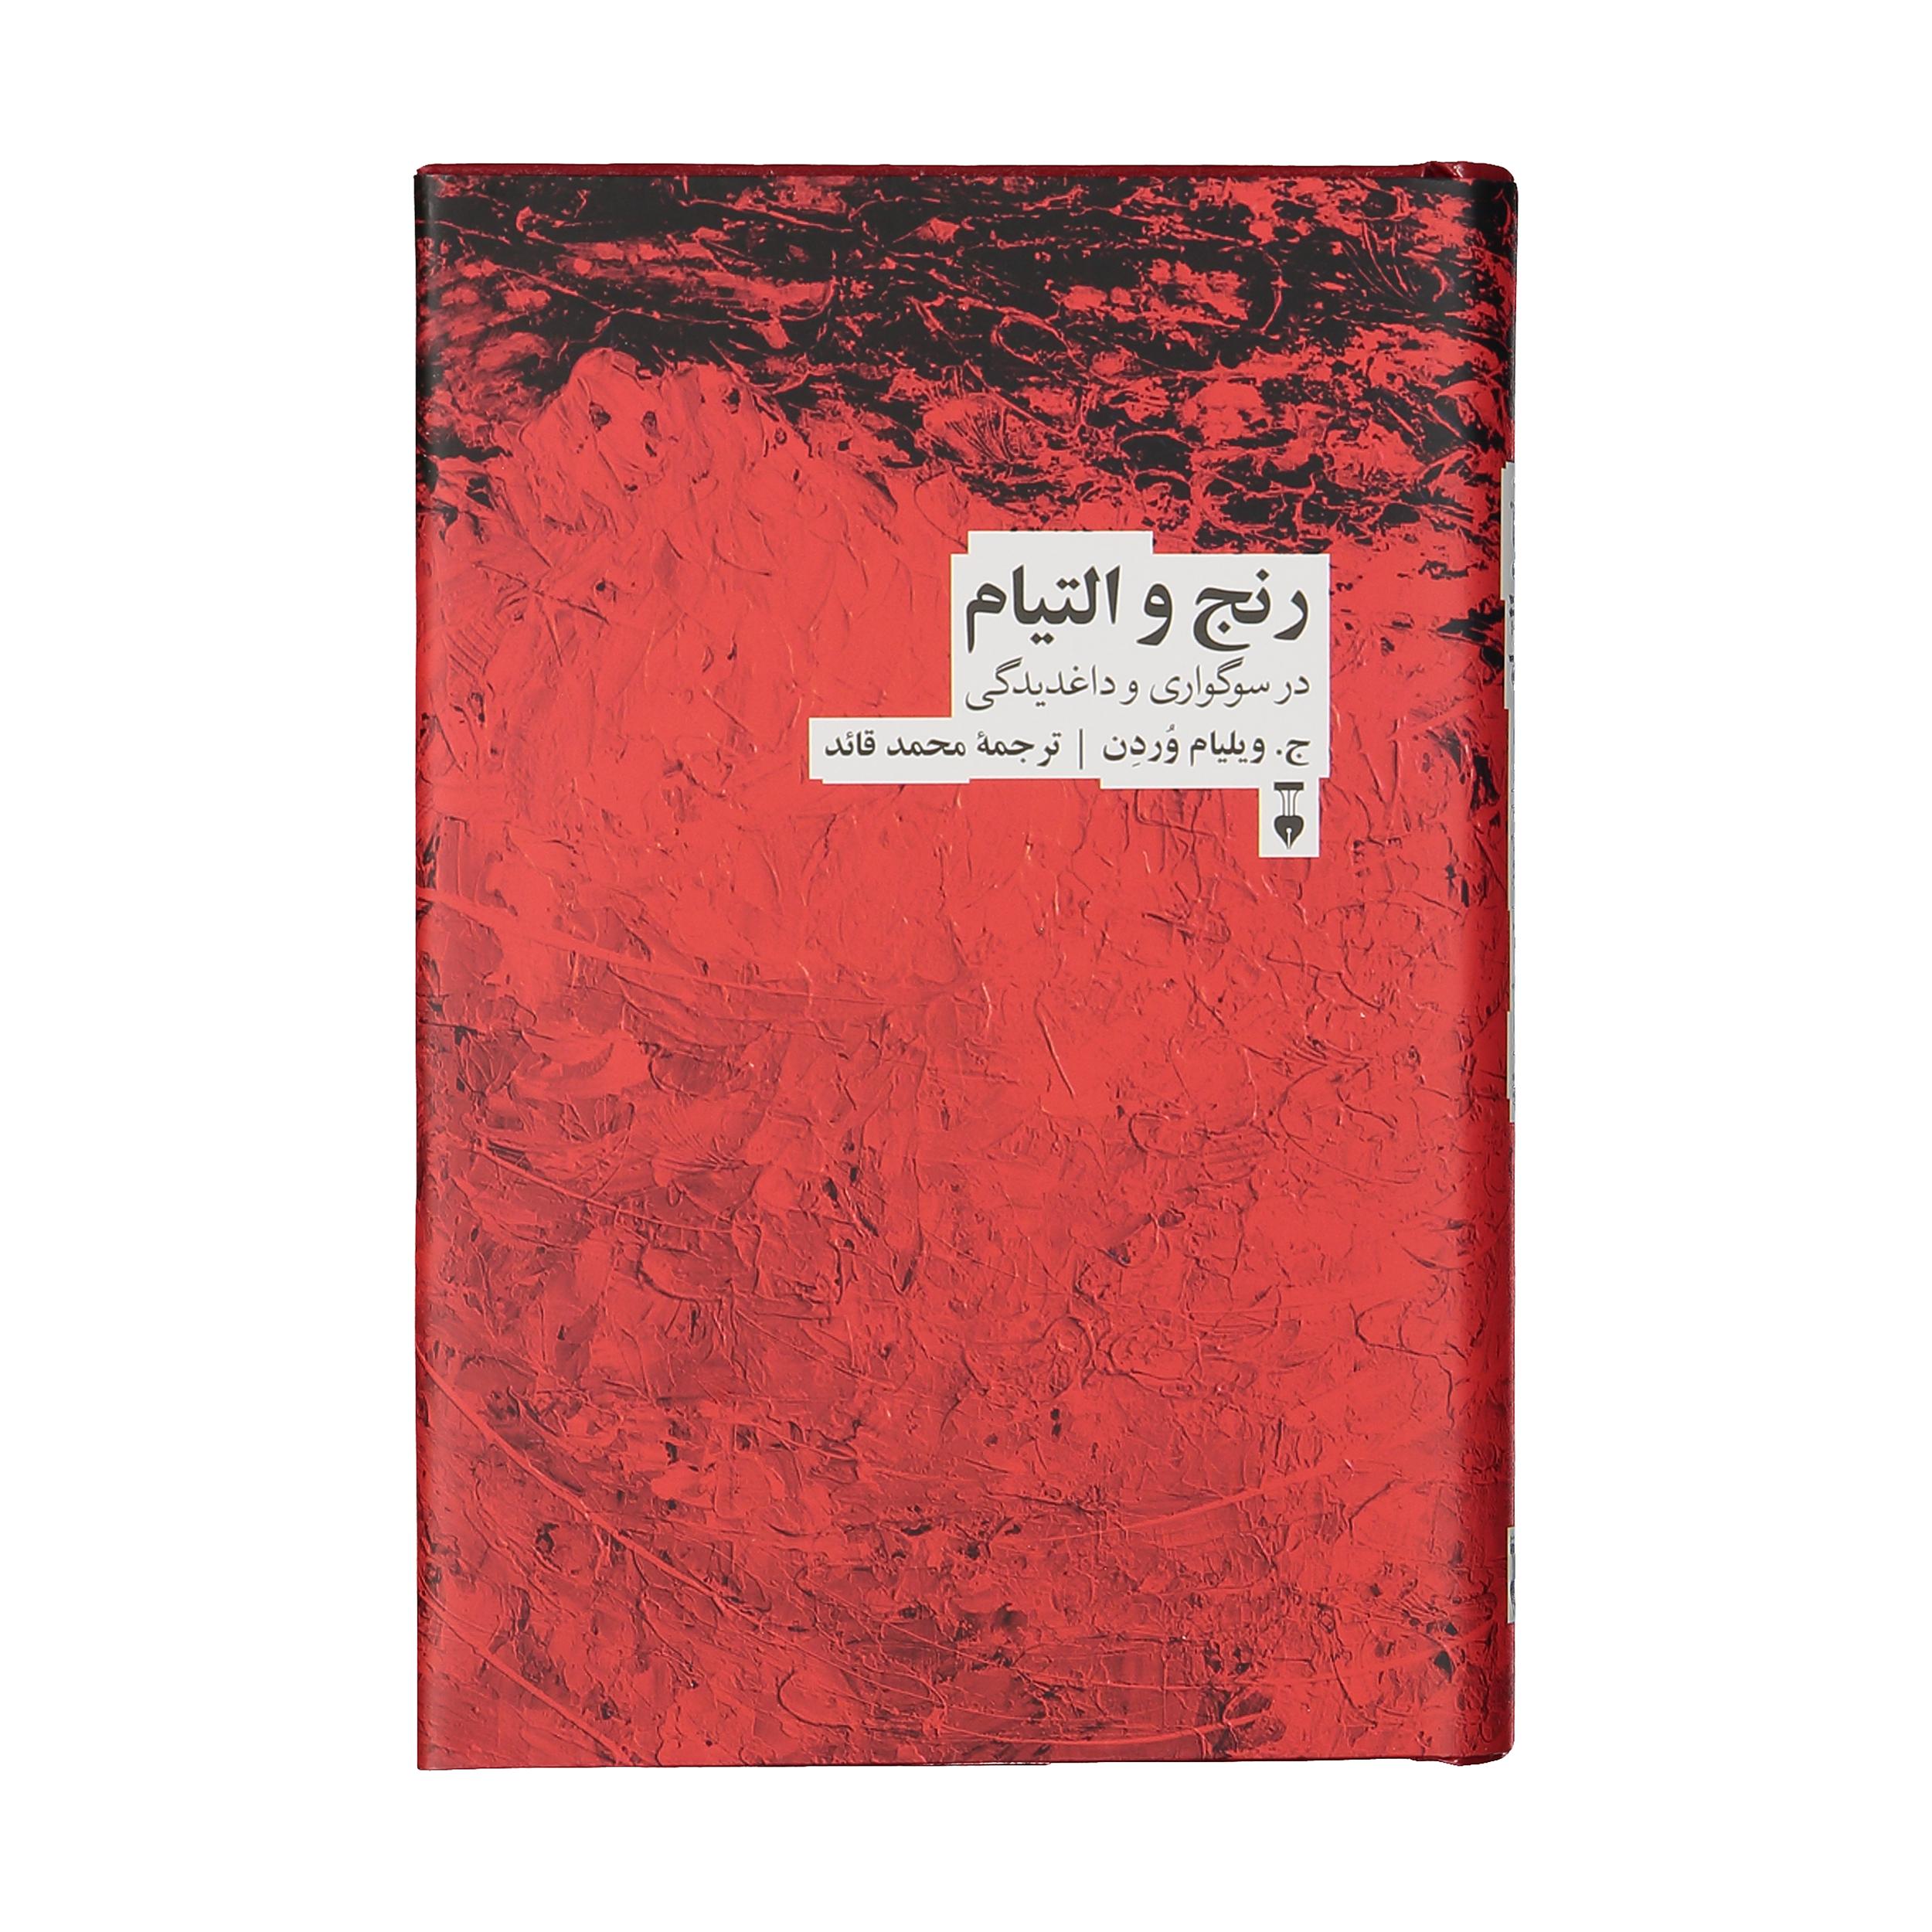 خرید                      كتاب رنج و التيام در سوگواري و داغديدگی اثر جيمز ويليام وردن نشر نو